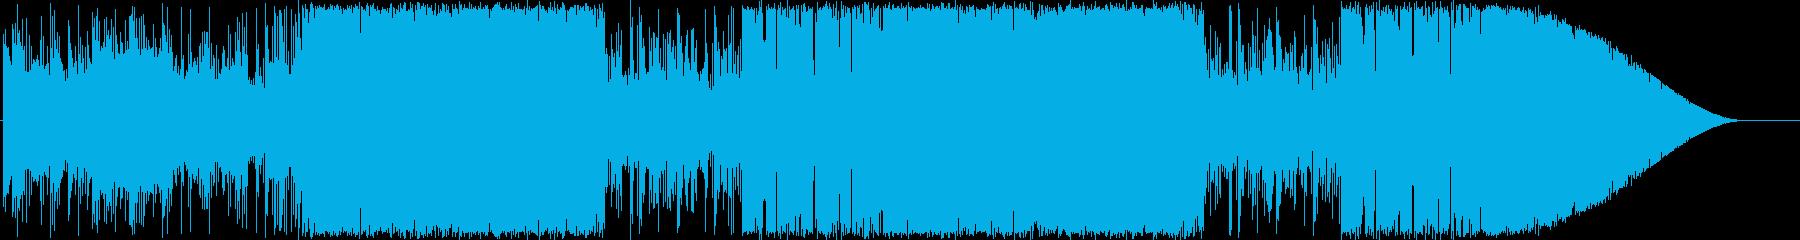 エレピとフルートの日常風BGMの再生済みの波形